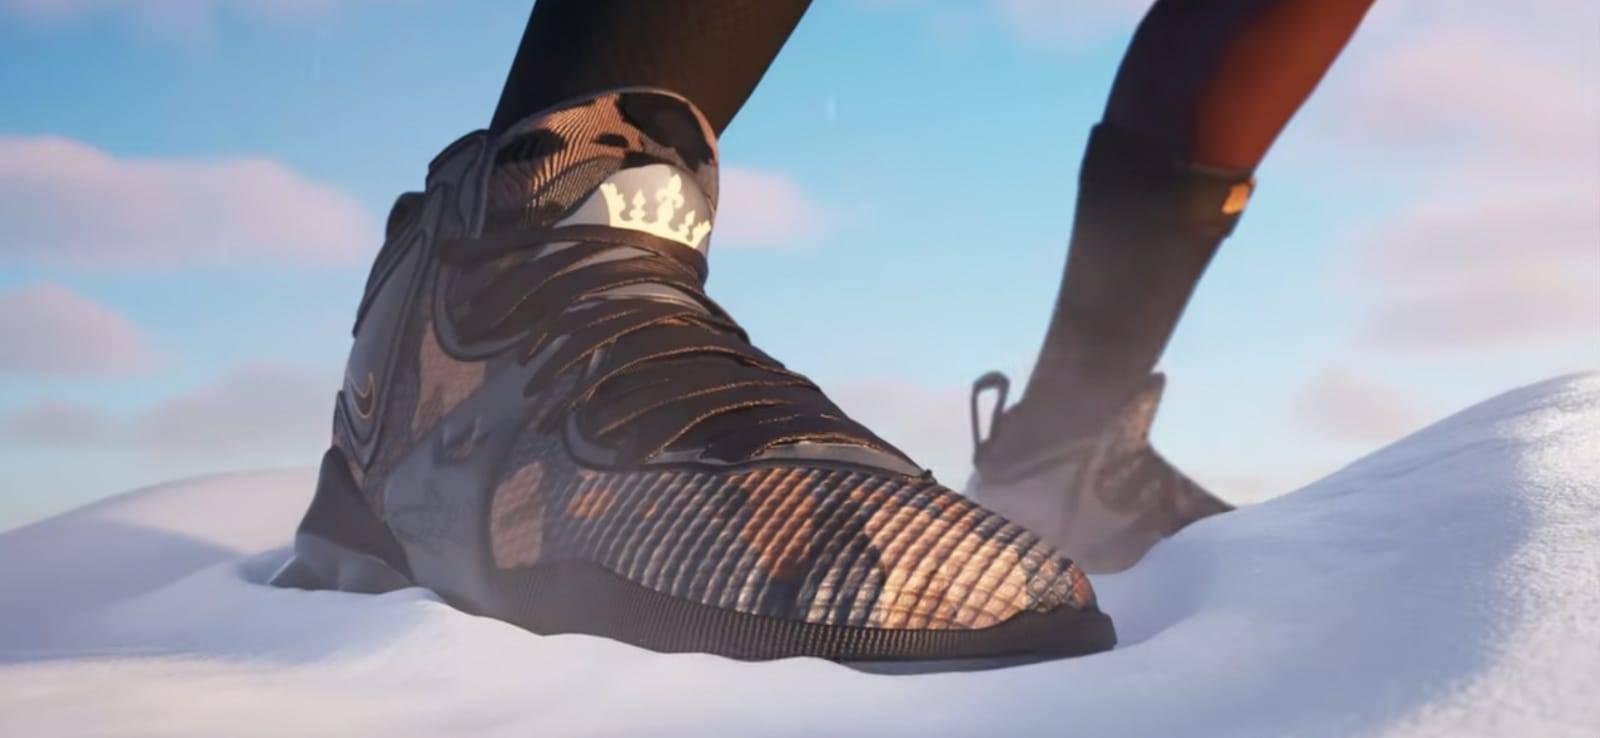 El Rey LeBron James llega a Fortnite 4